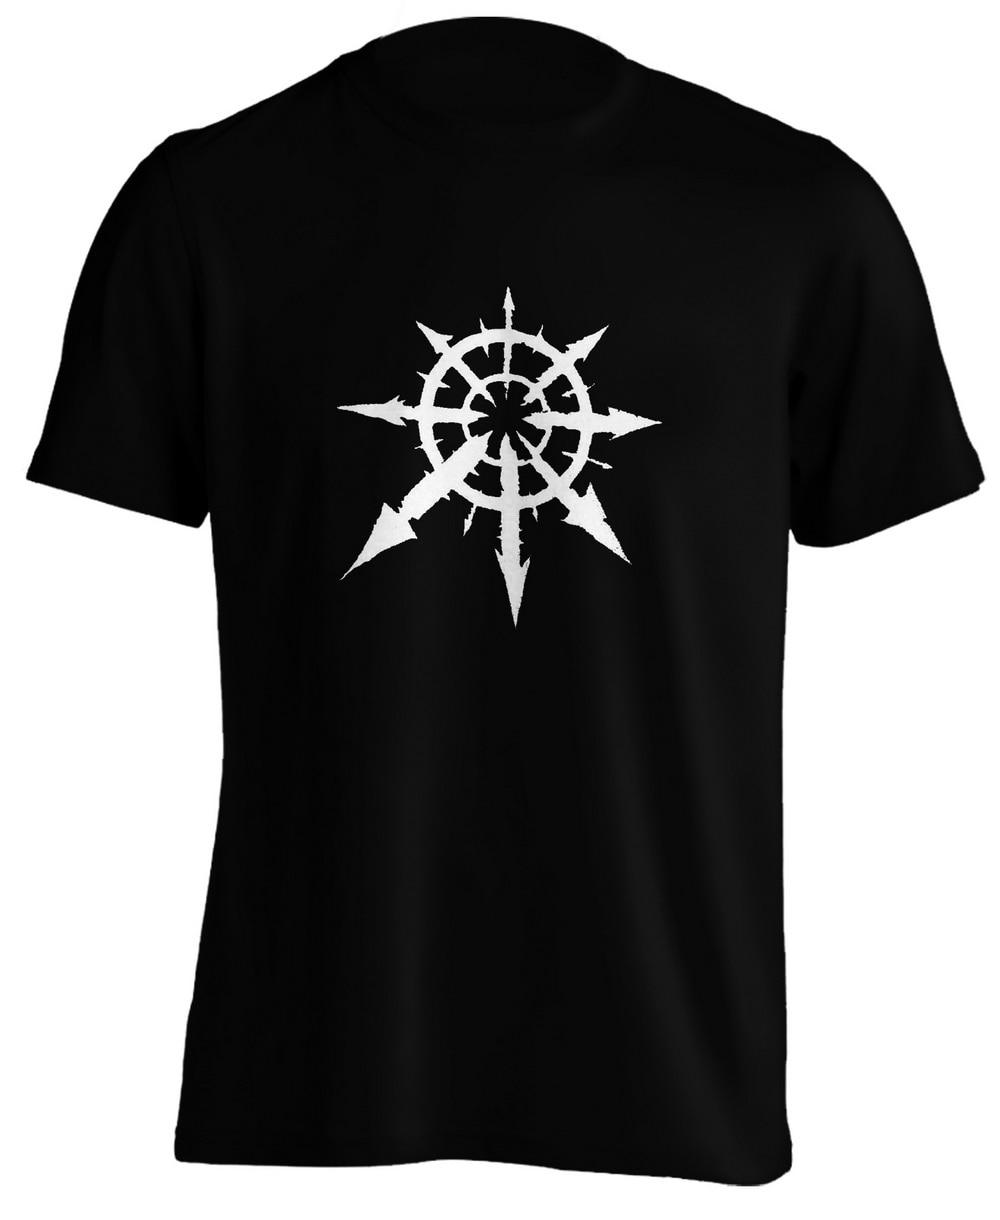 Warhammer Chaos undiffed футболка высокого веса мягкая виниловая Специальная с